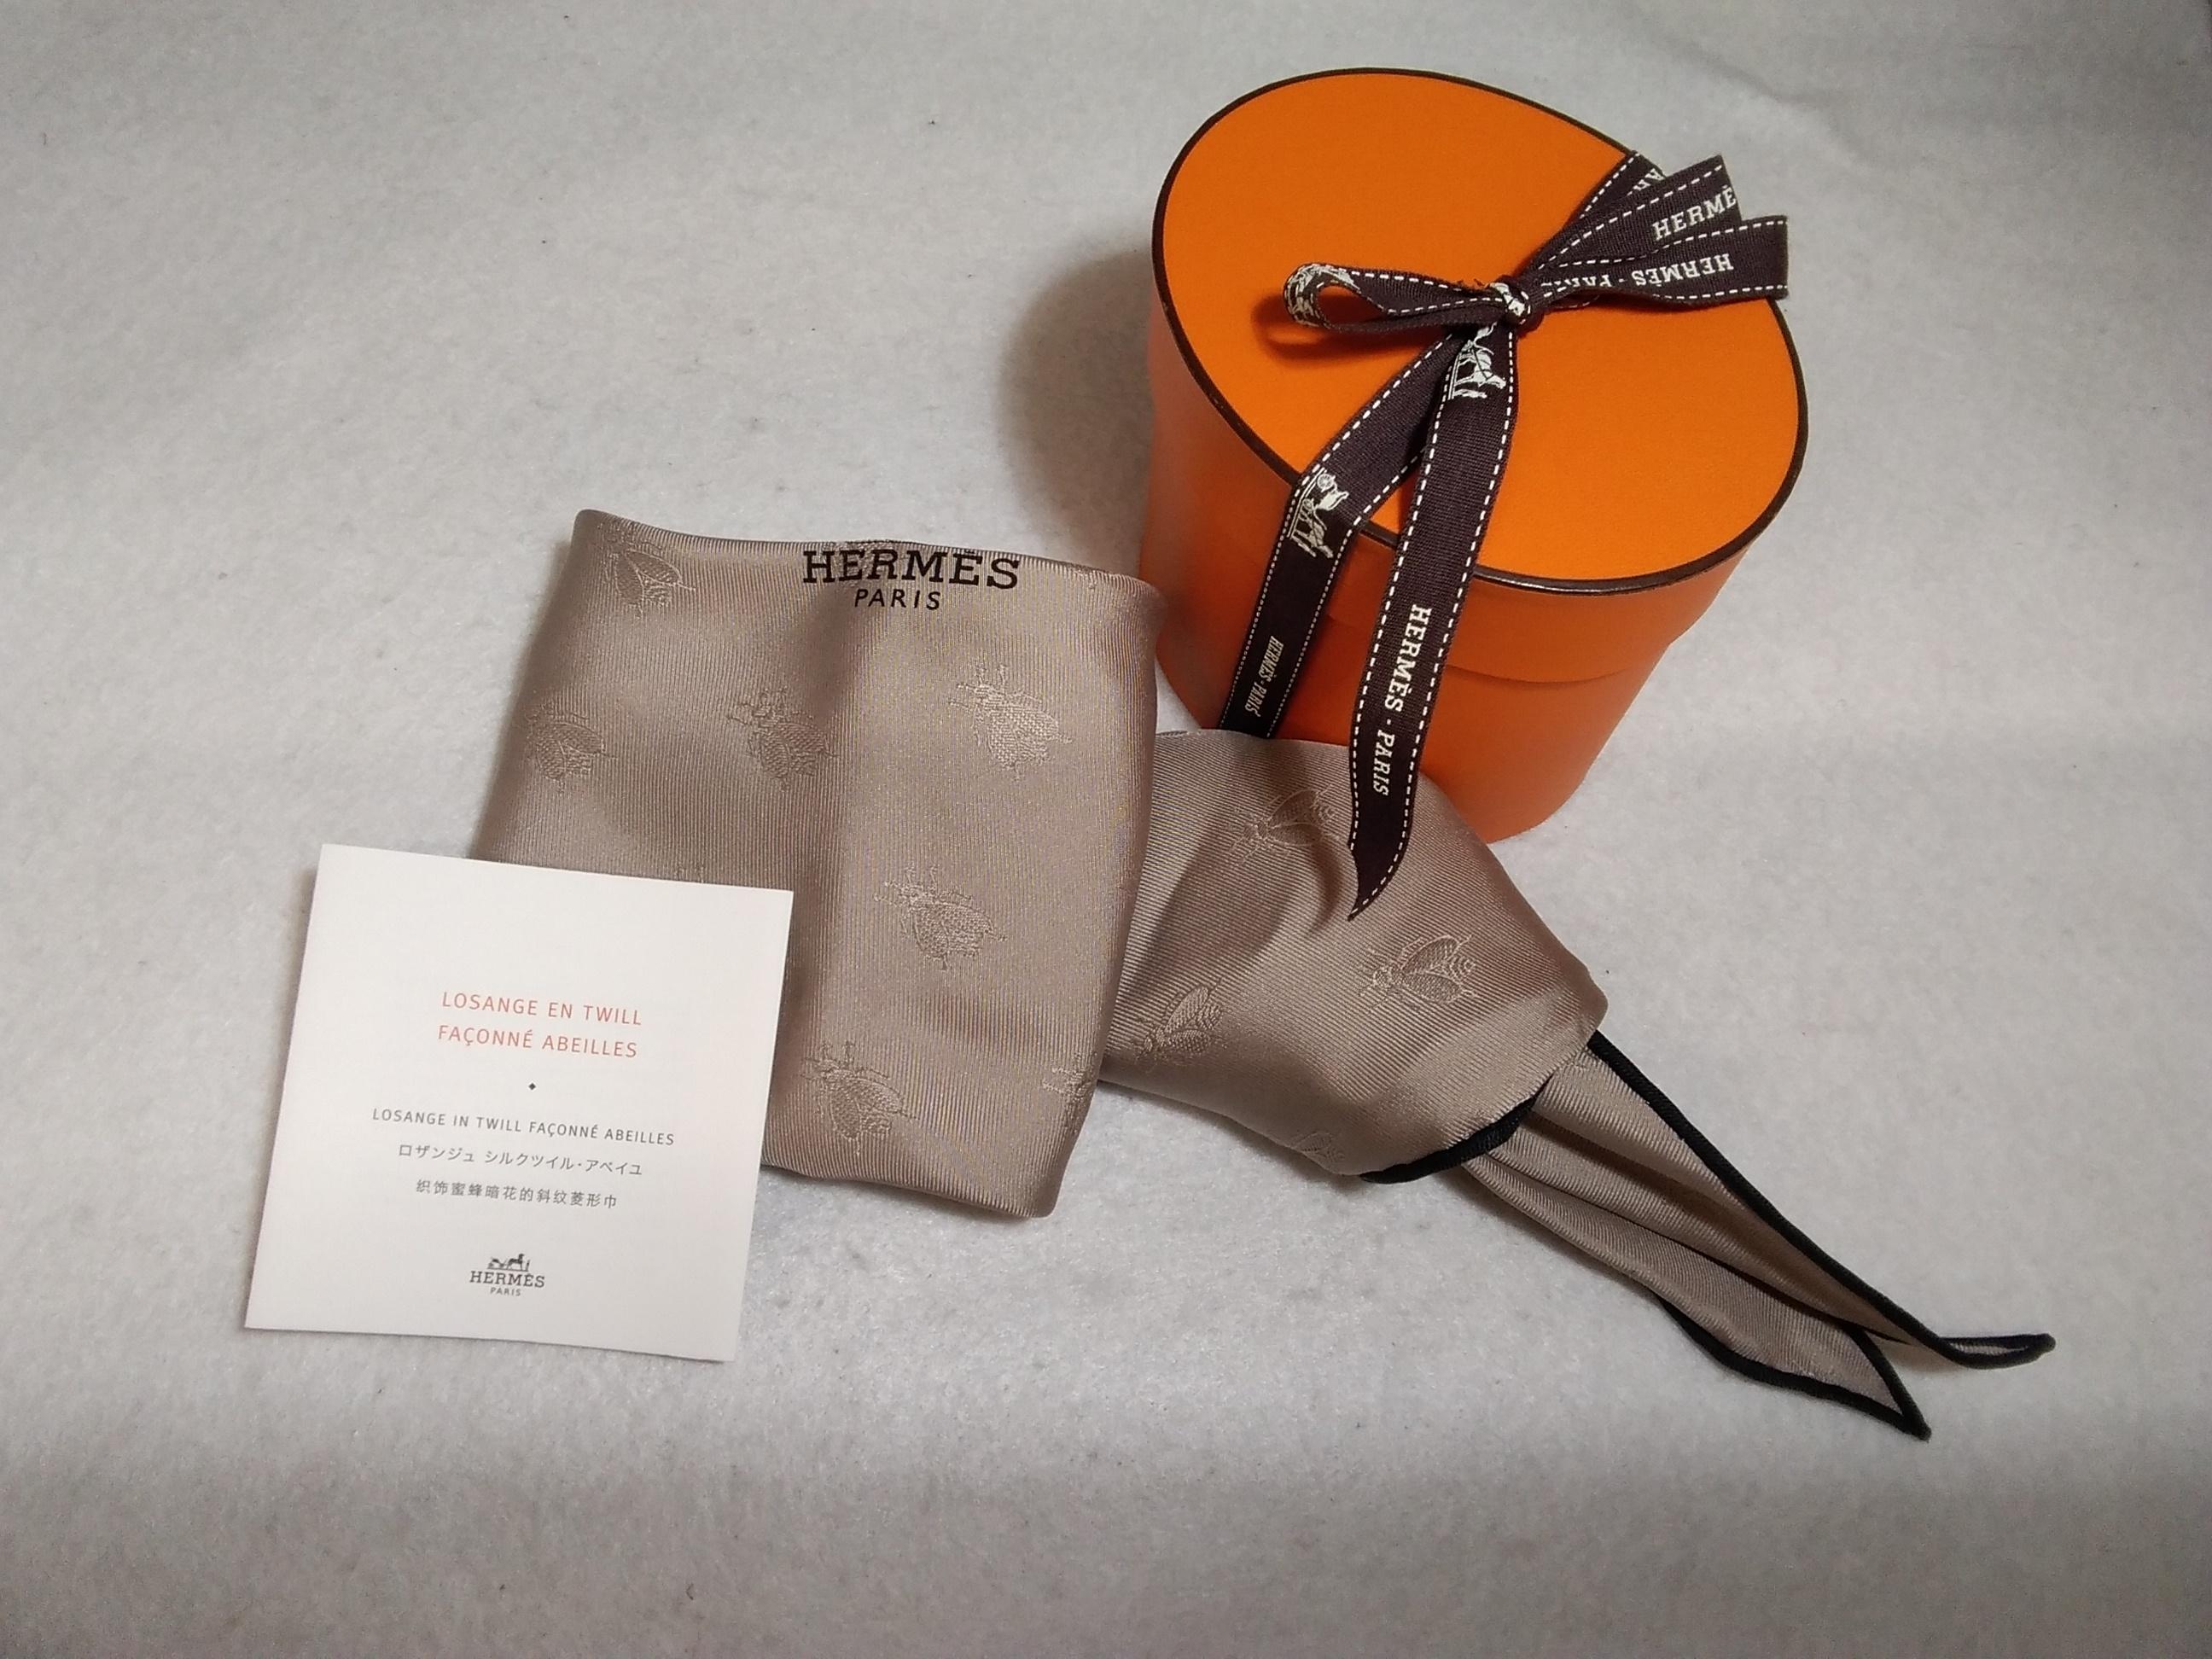 ロザンシュ ツルクツイル・アベイユ|HERMES